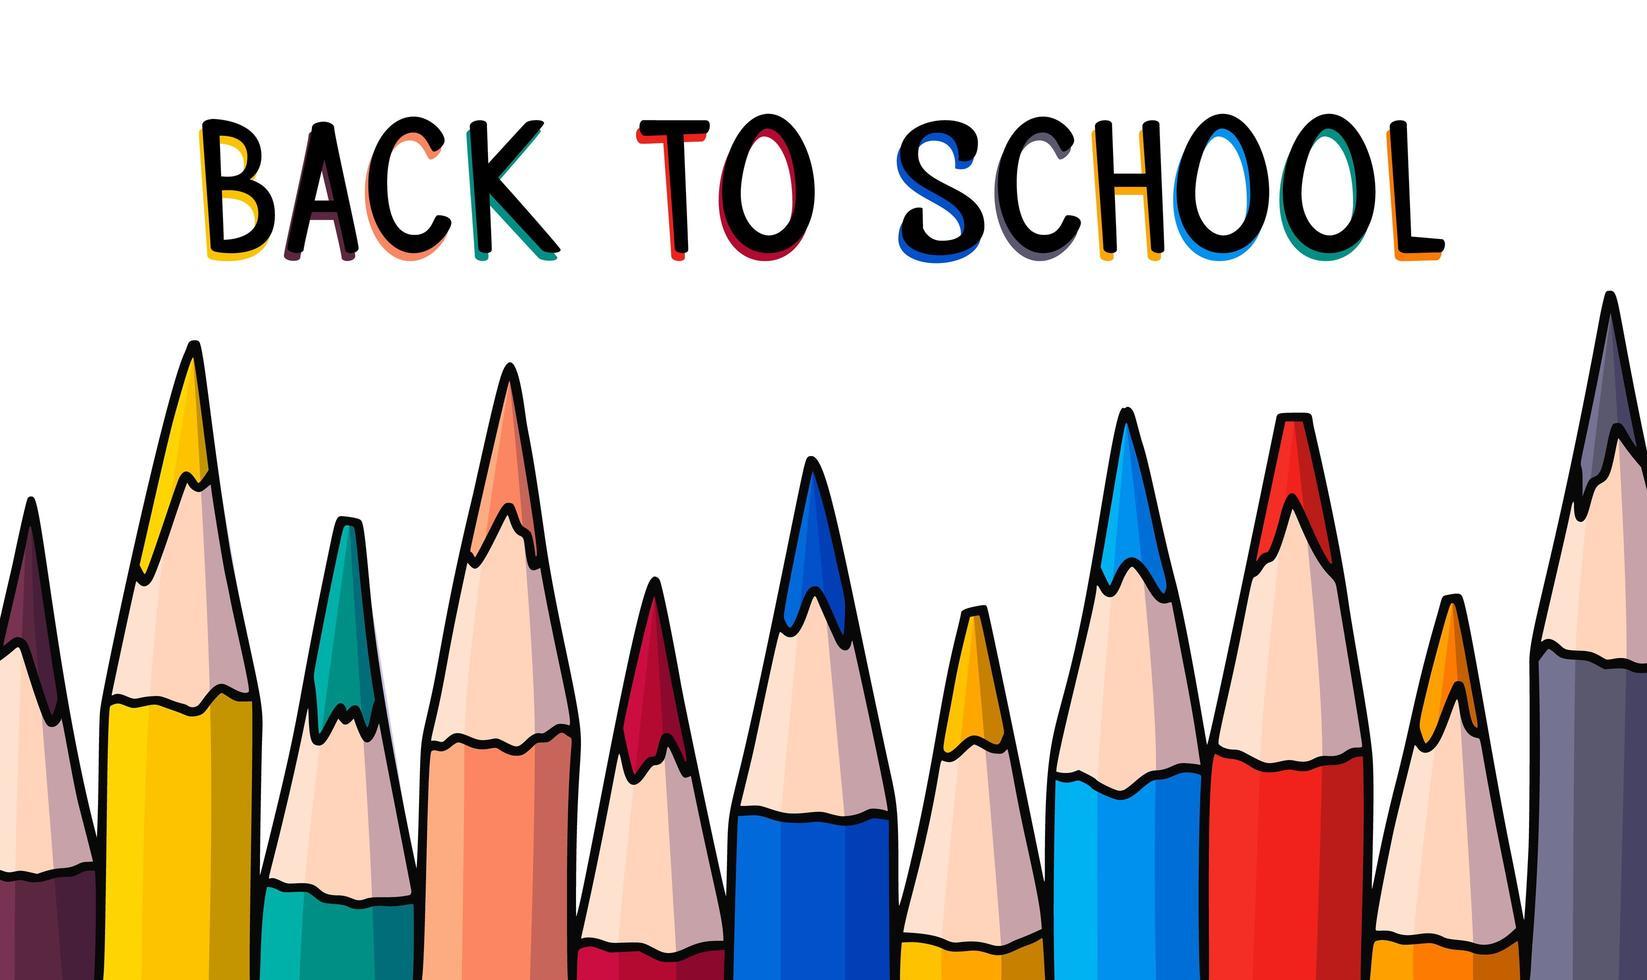 doodle penna banner. tillbaka till skolan handritad vektorillustration med färgpennor. vektor